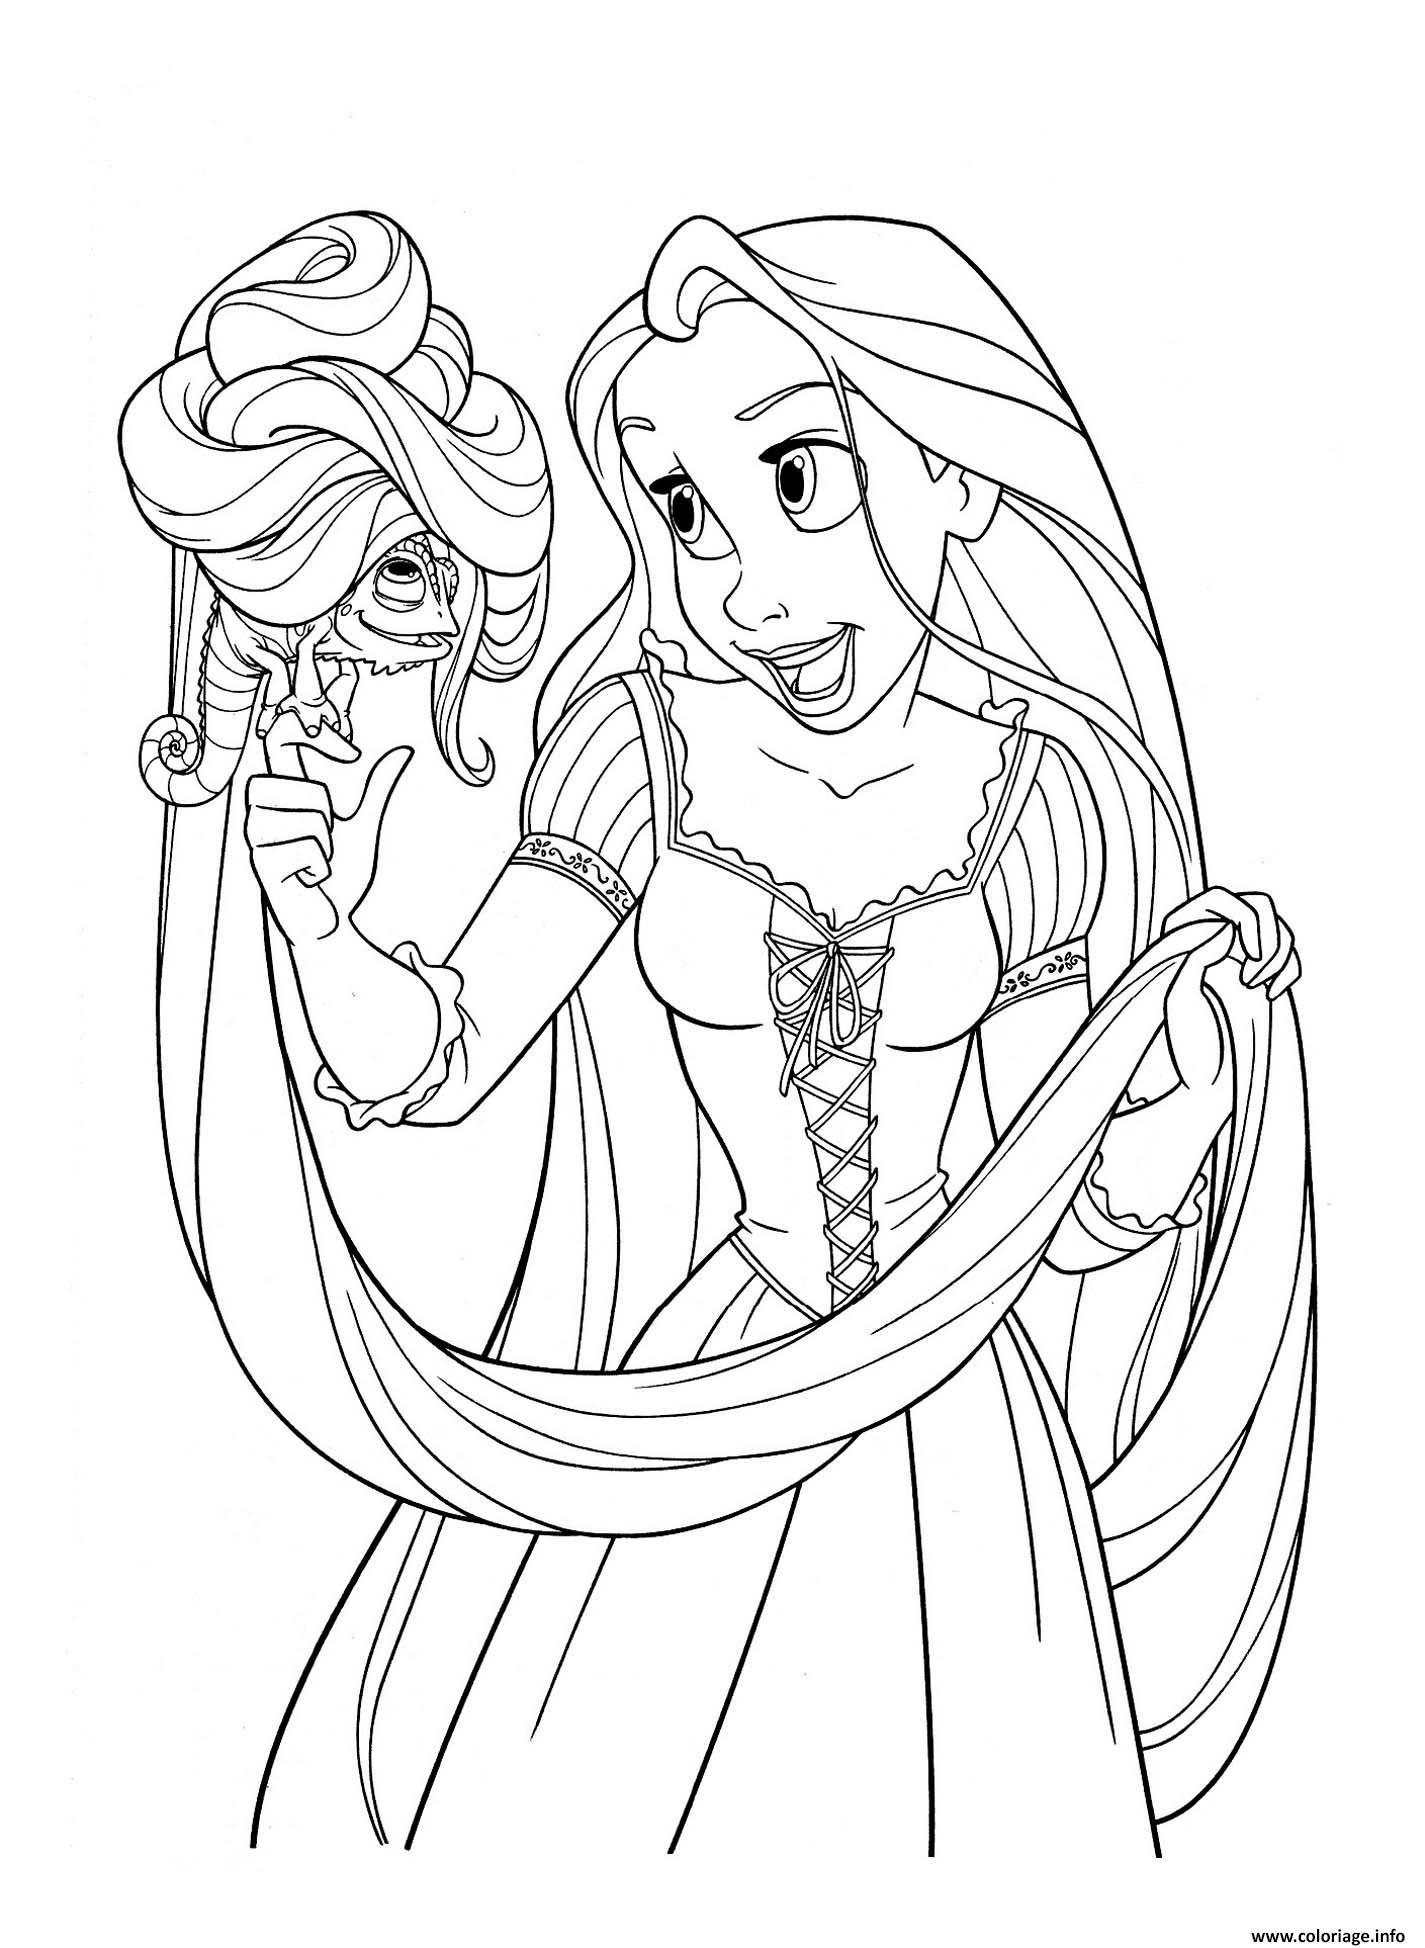 Coloriage raiponce princesse disney avec pascal dessin - Coloriages en lignes ...